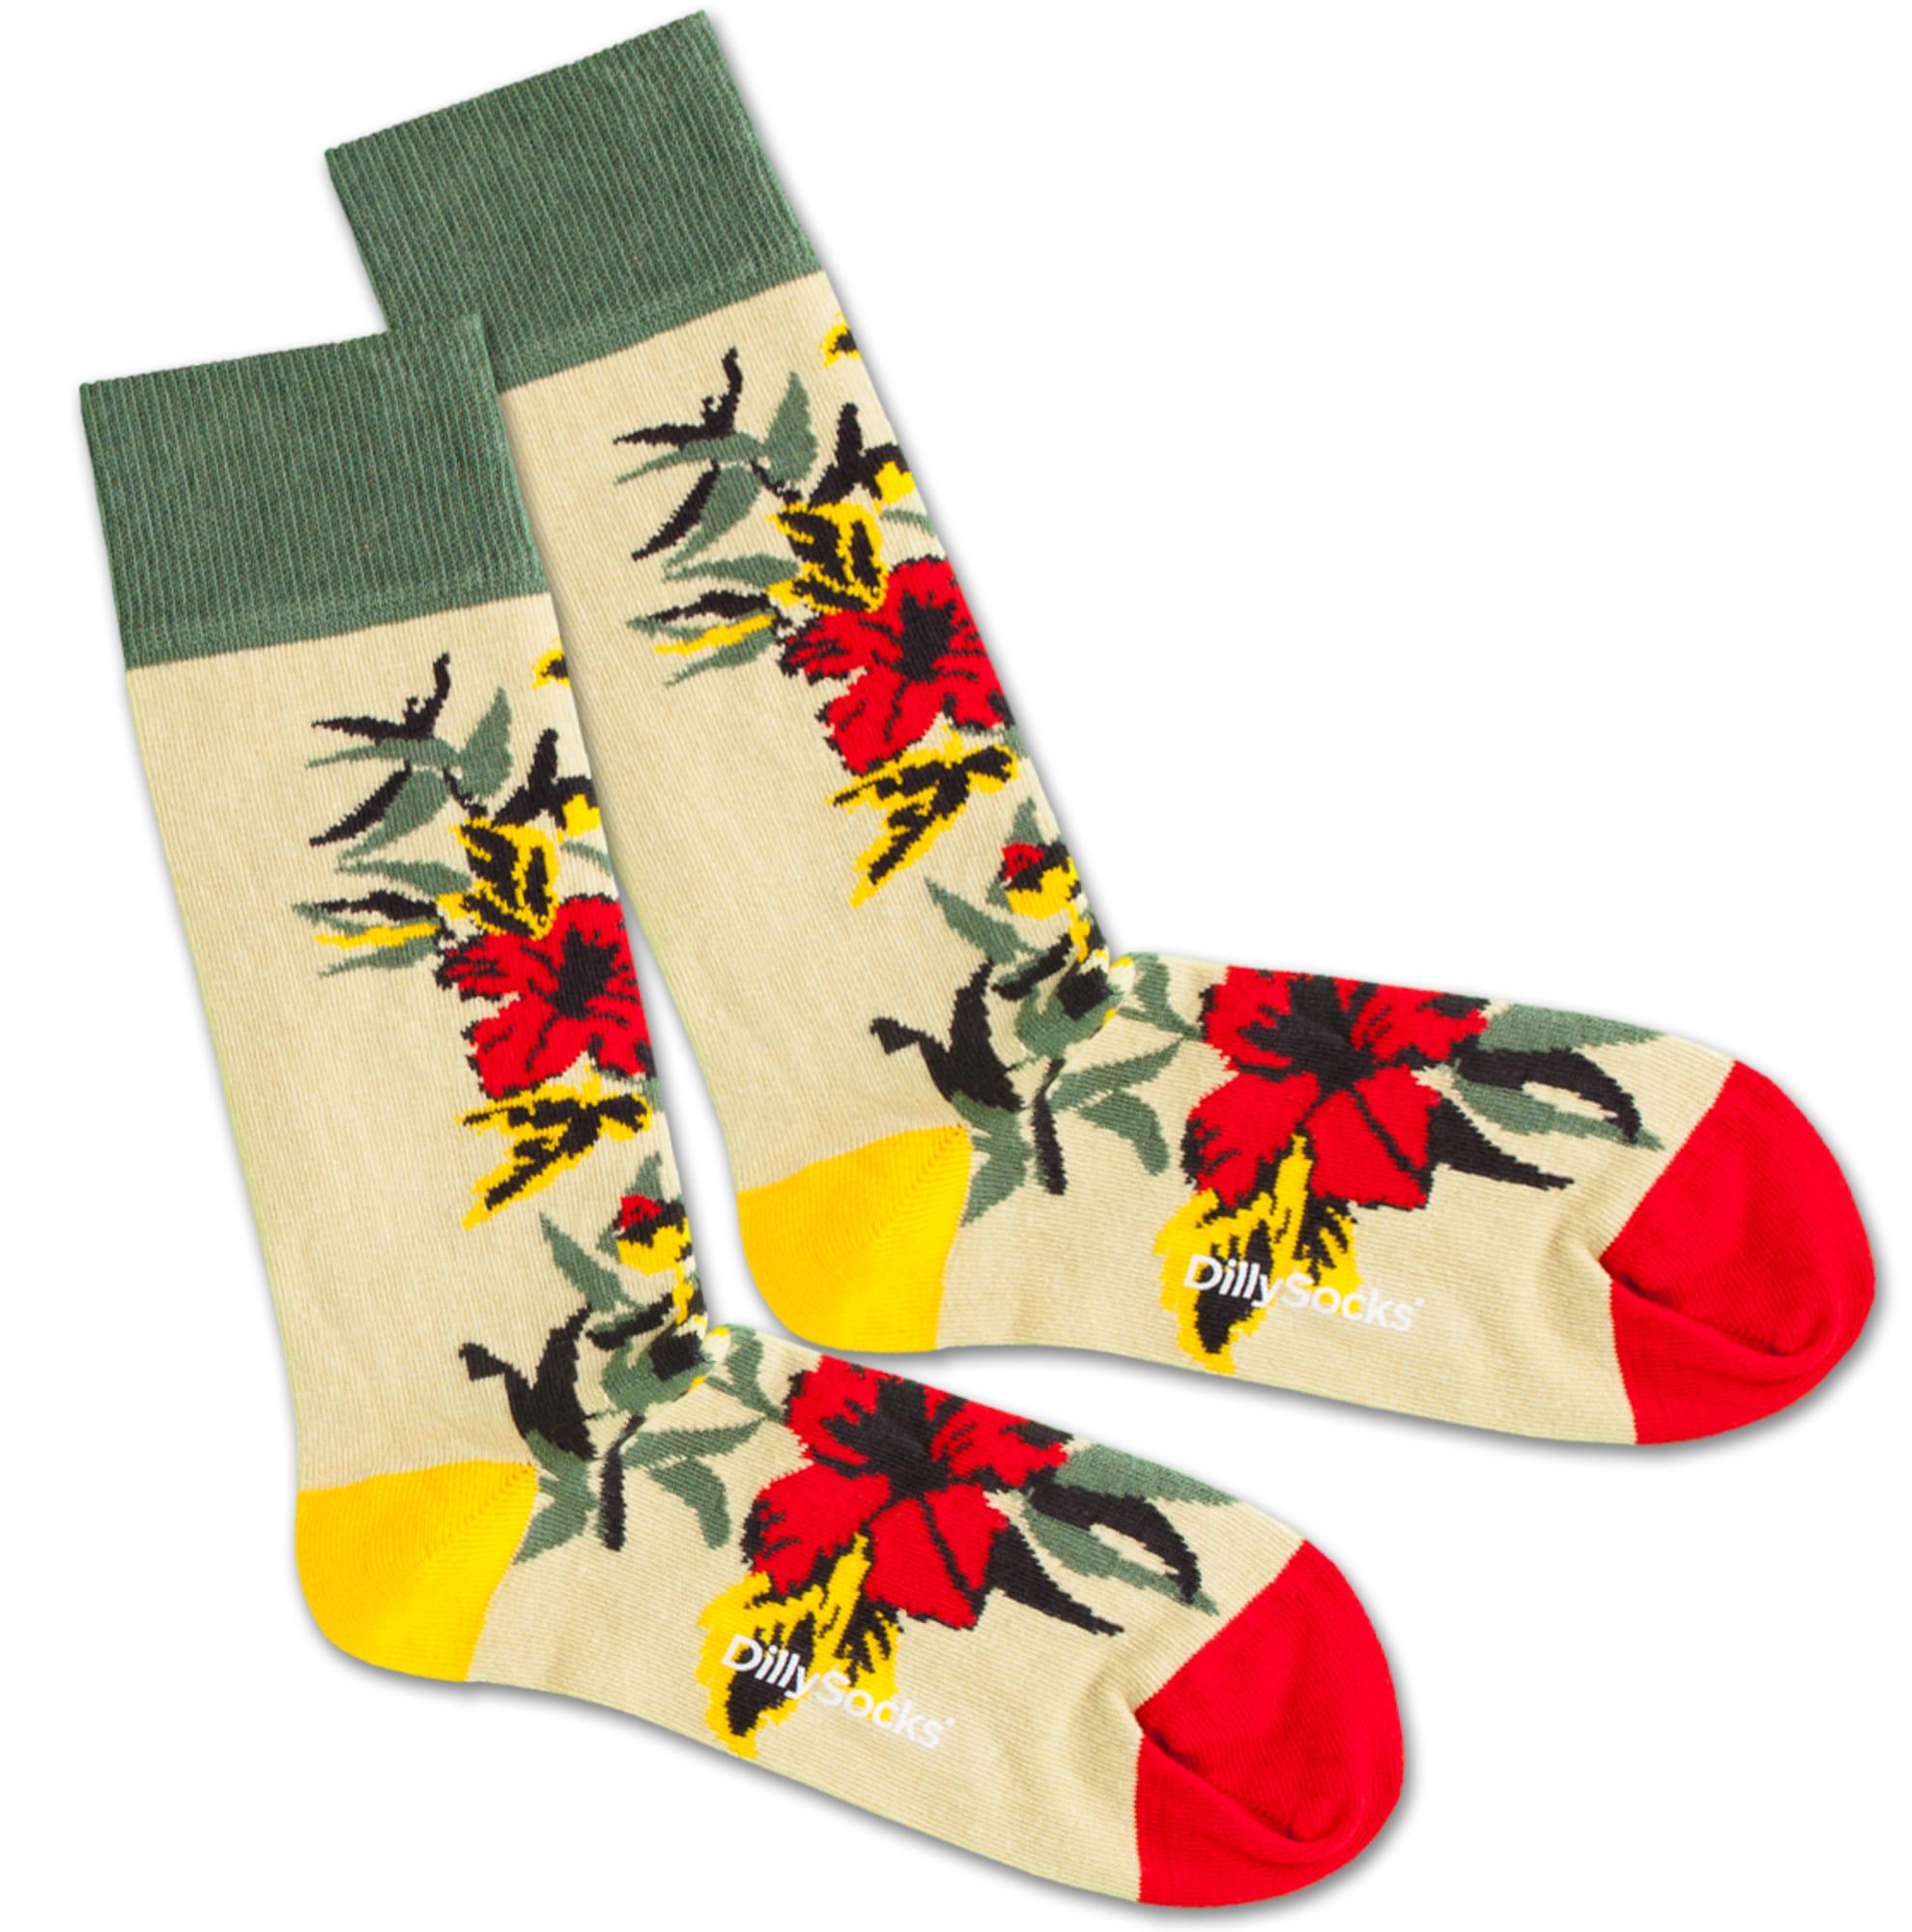 Ponožky Dry Flower béžová žlutá zelená červená DillySocks